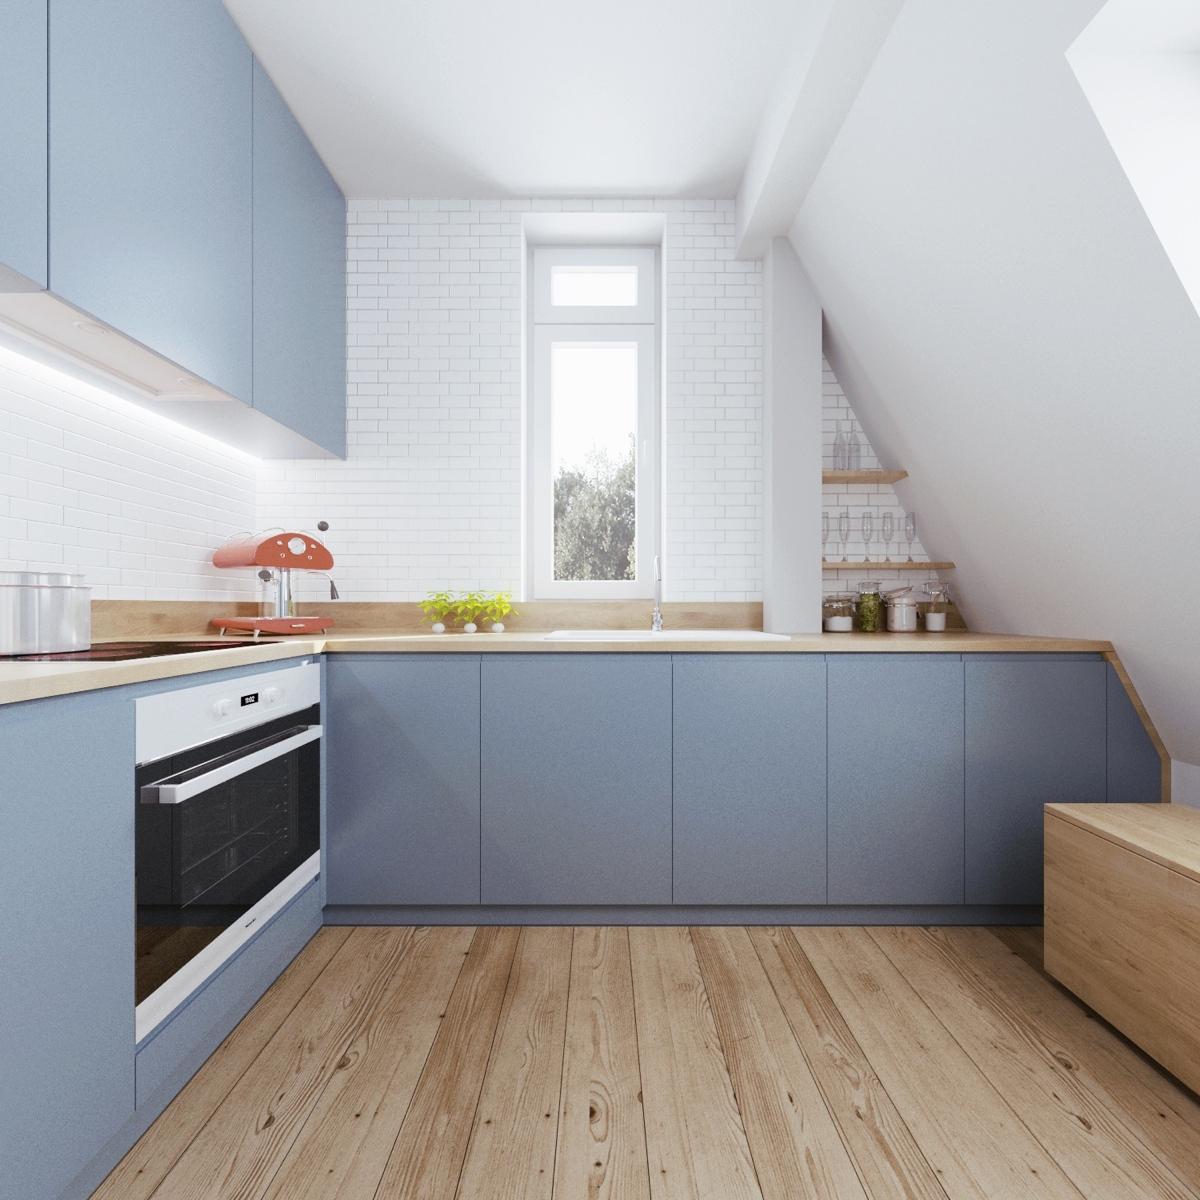 Minimalist Apartment Design With Soft Color Scheme Roohome Designs Plans